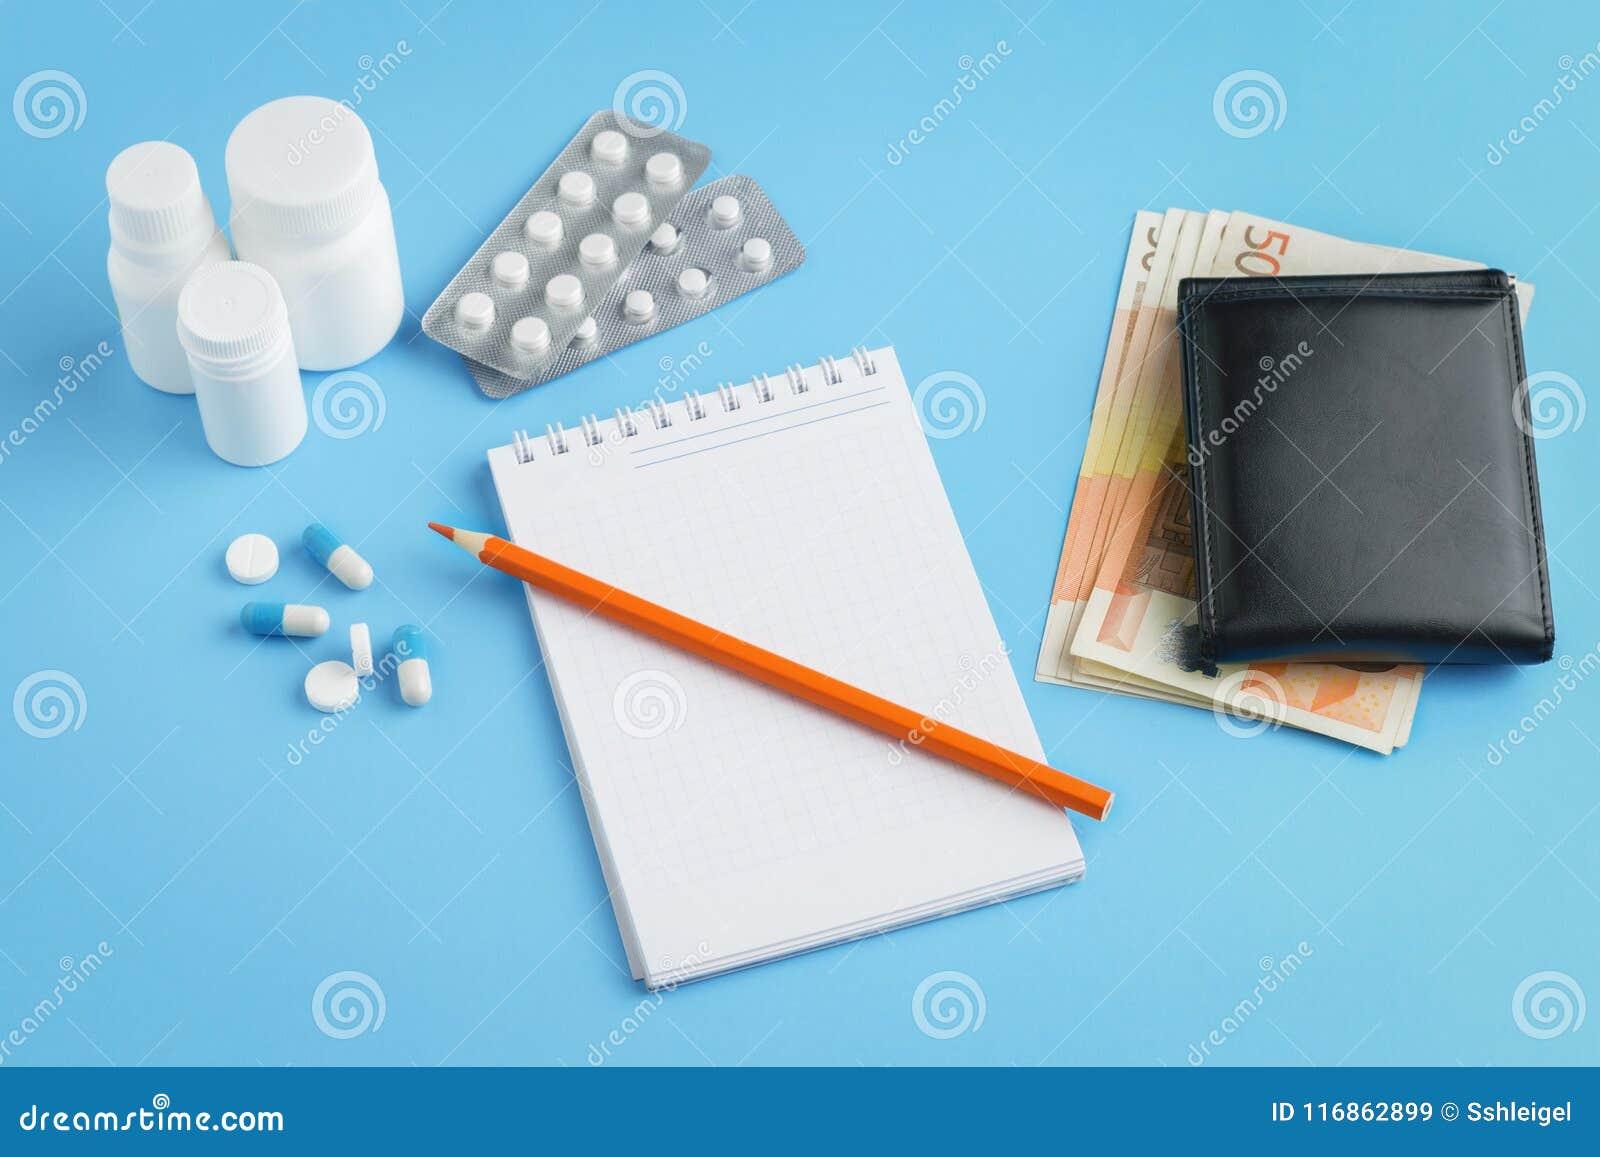 Tablettes, pilules, capsules, pilules avec le crayon et billets de banque de 50 euros